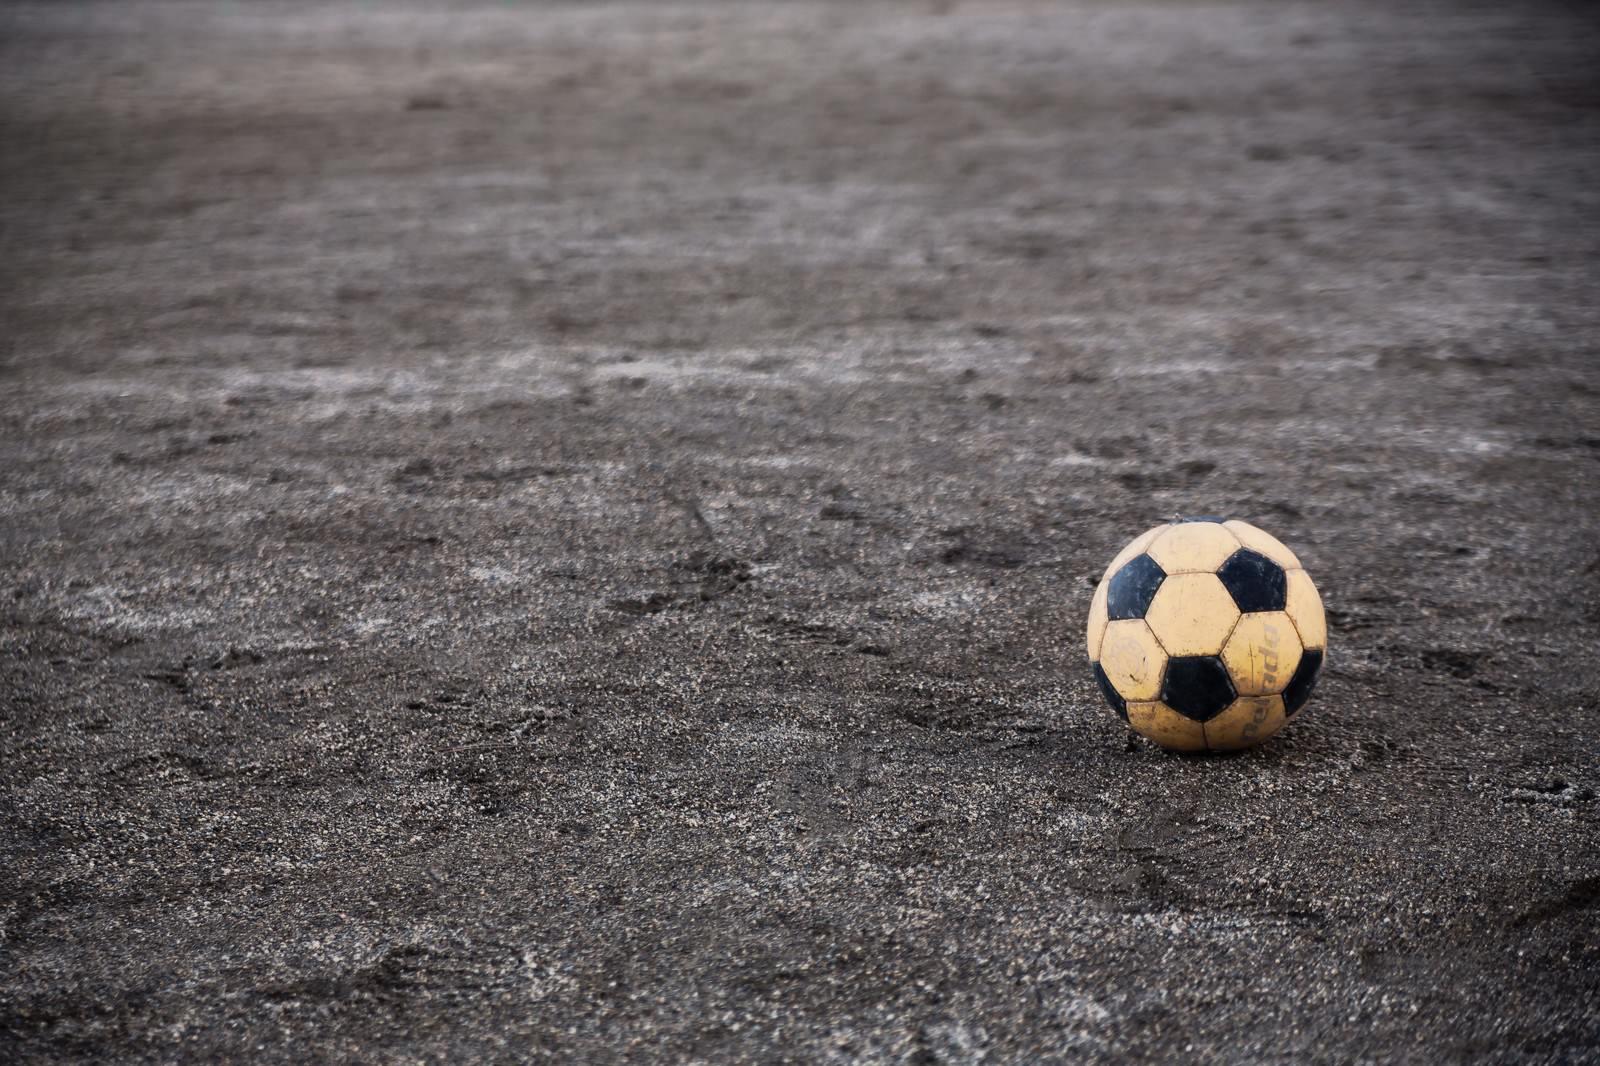 「片付け忘れたサッカーボール」の写真